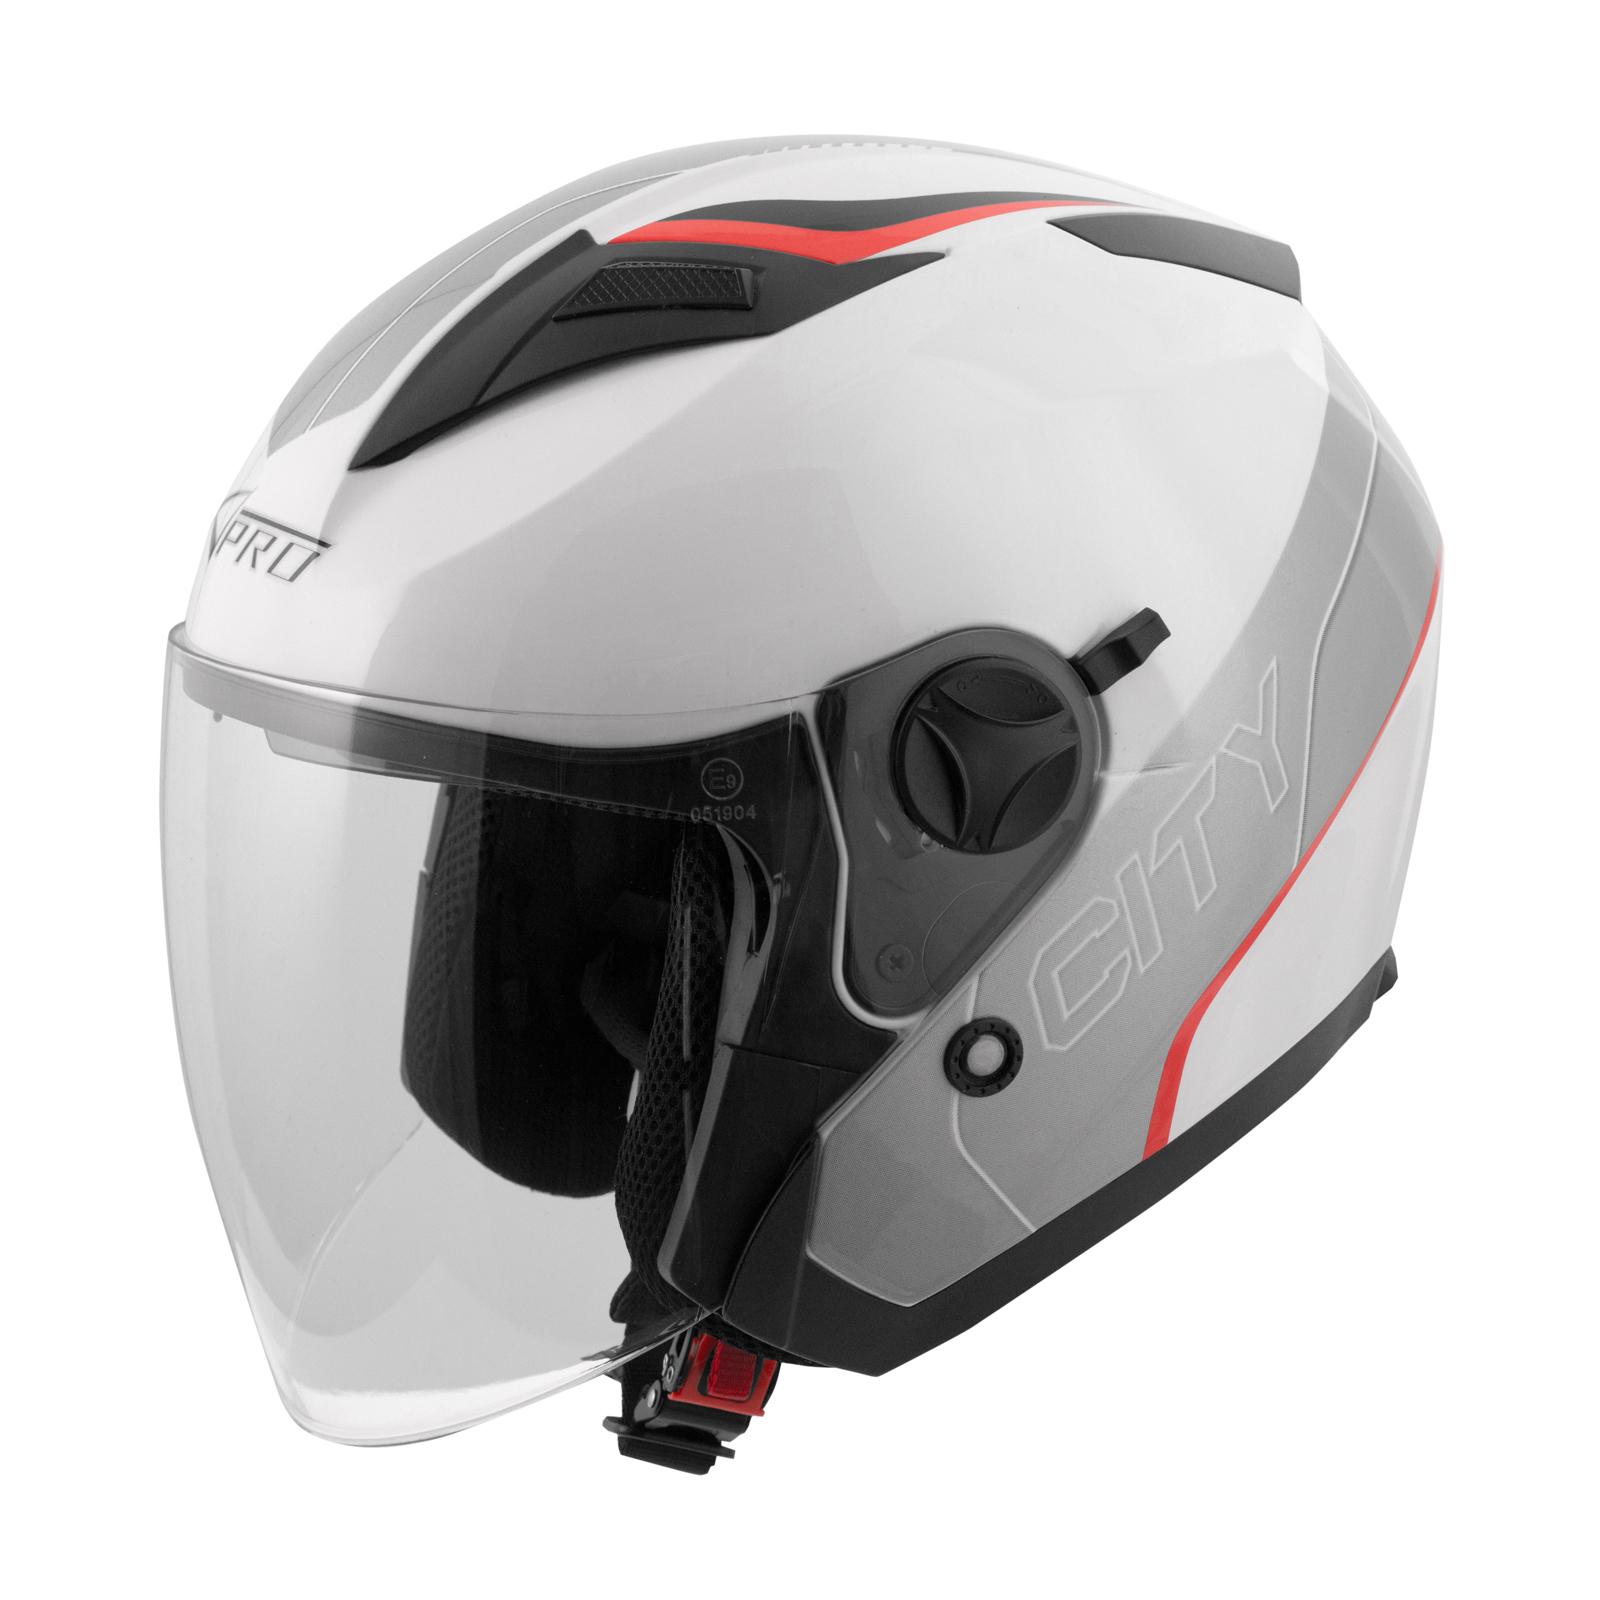 jet helm motorroller genehmigt ece 22 05 stadt visier. Black Bedroom Furniture Sets. Home Design Ideas